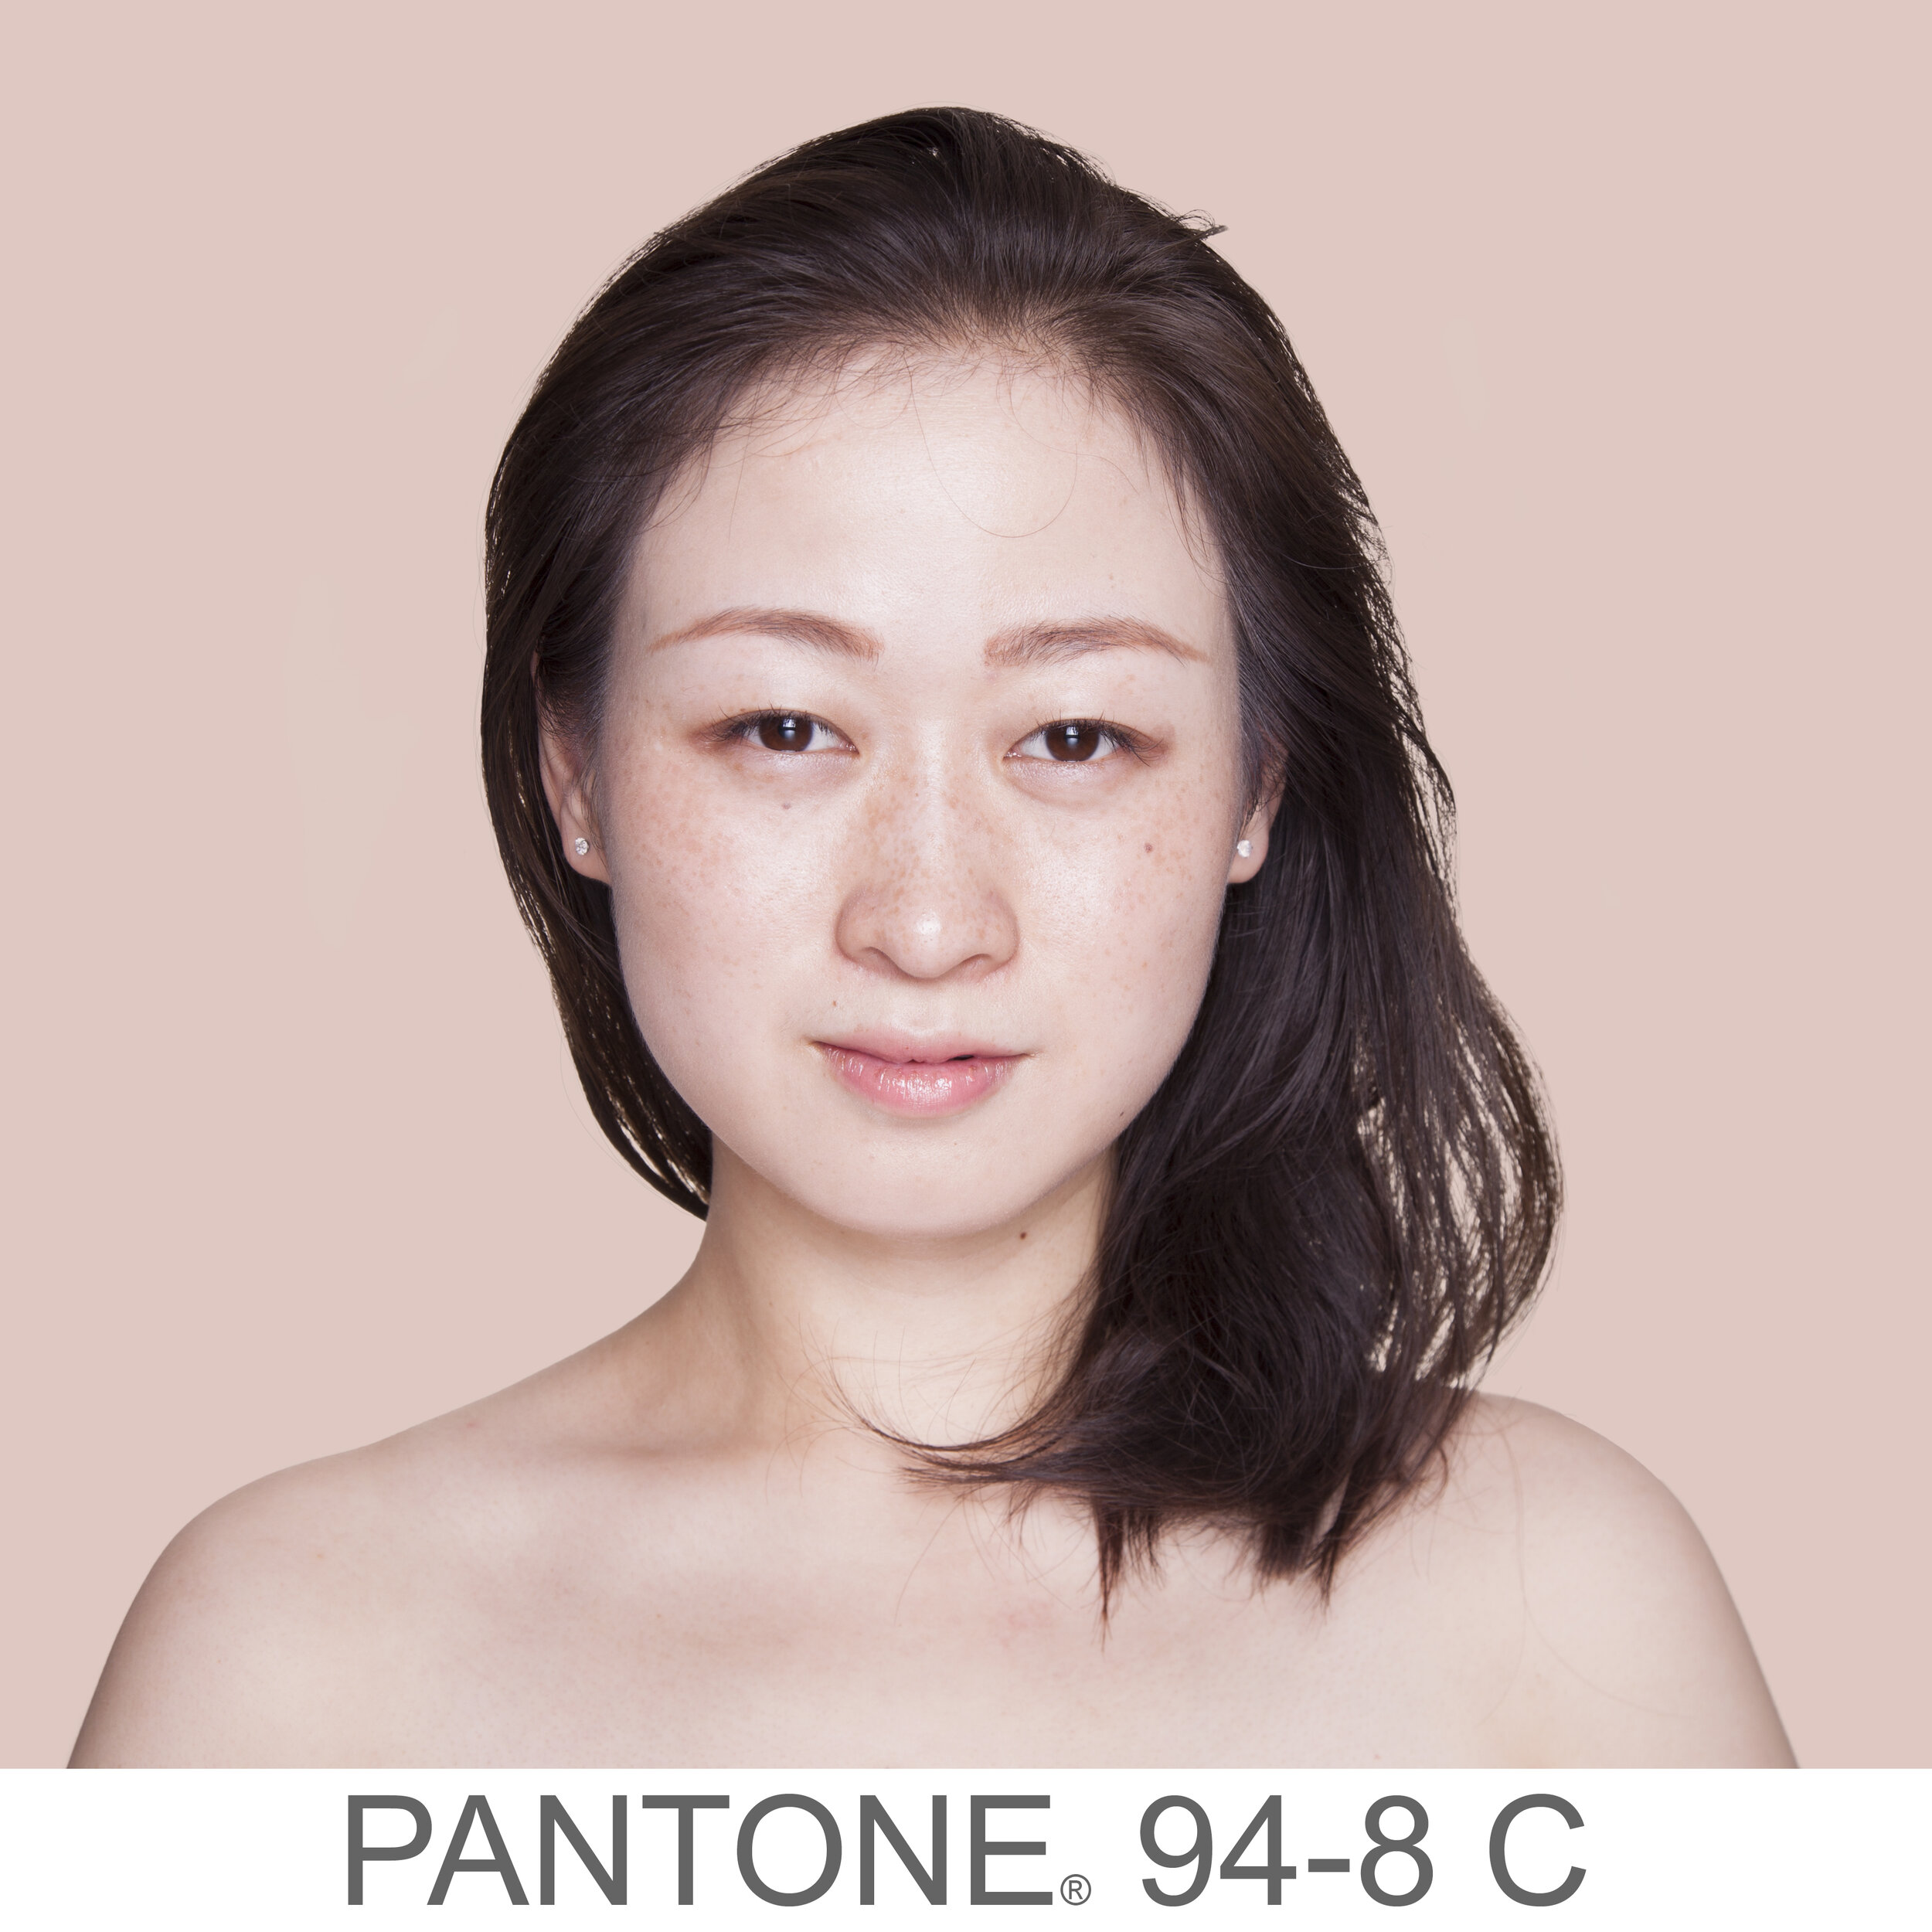 humanae 94-8 C CN copia.jpg